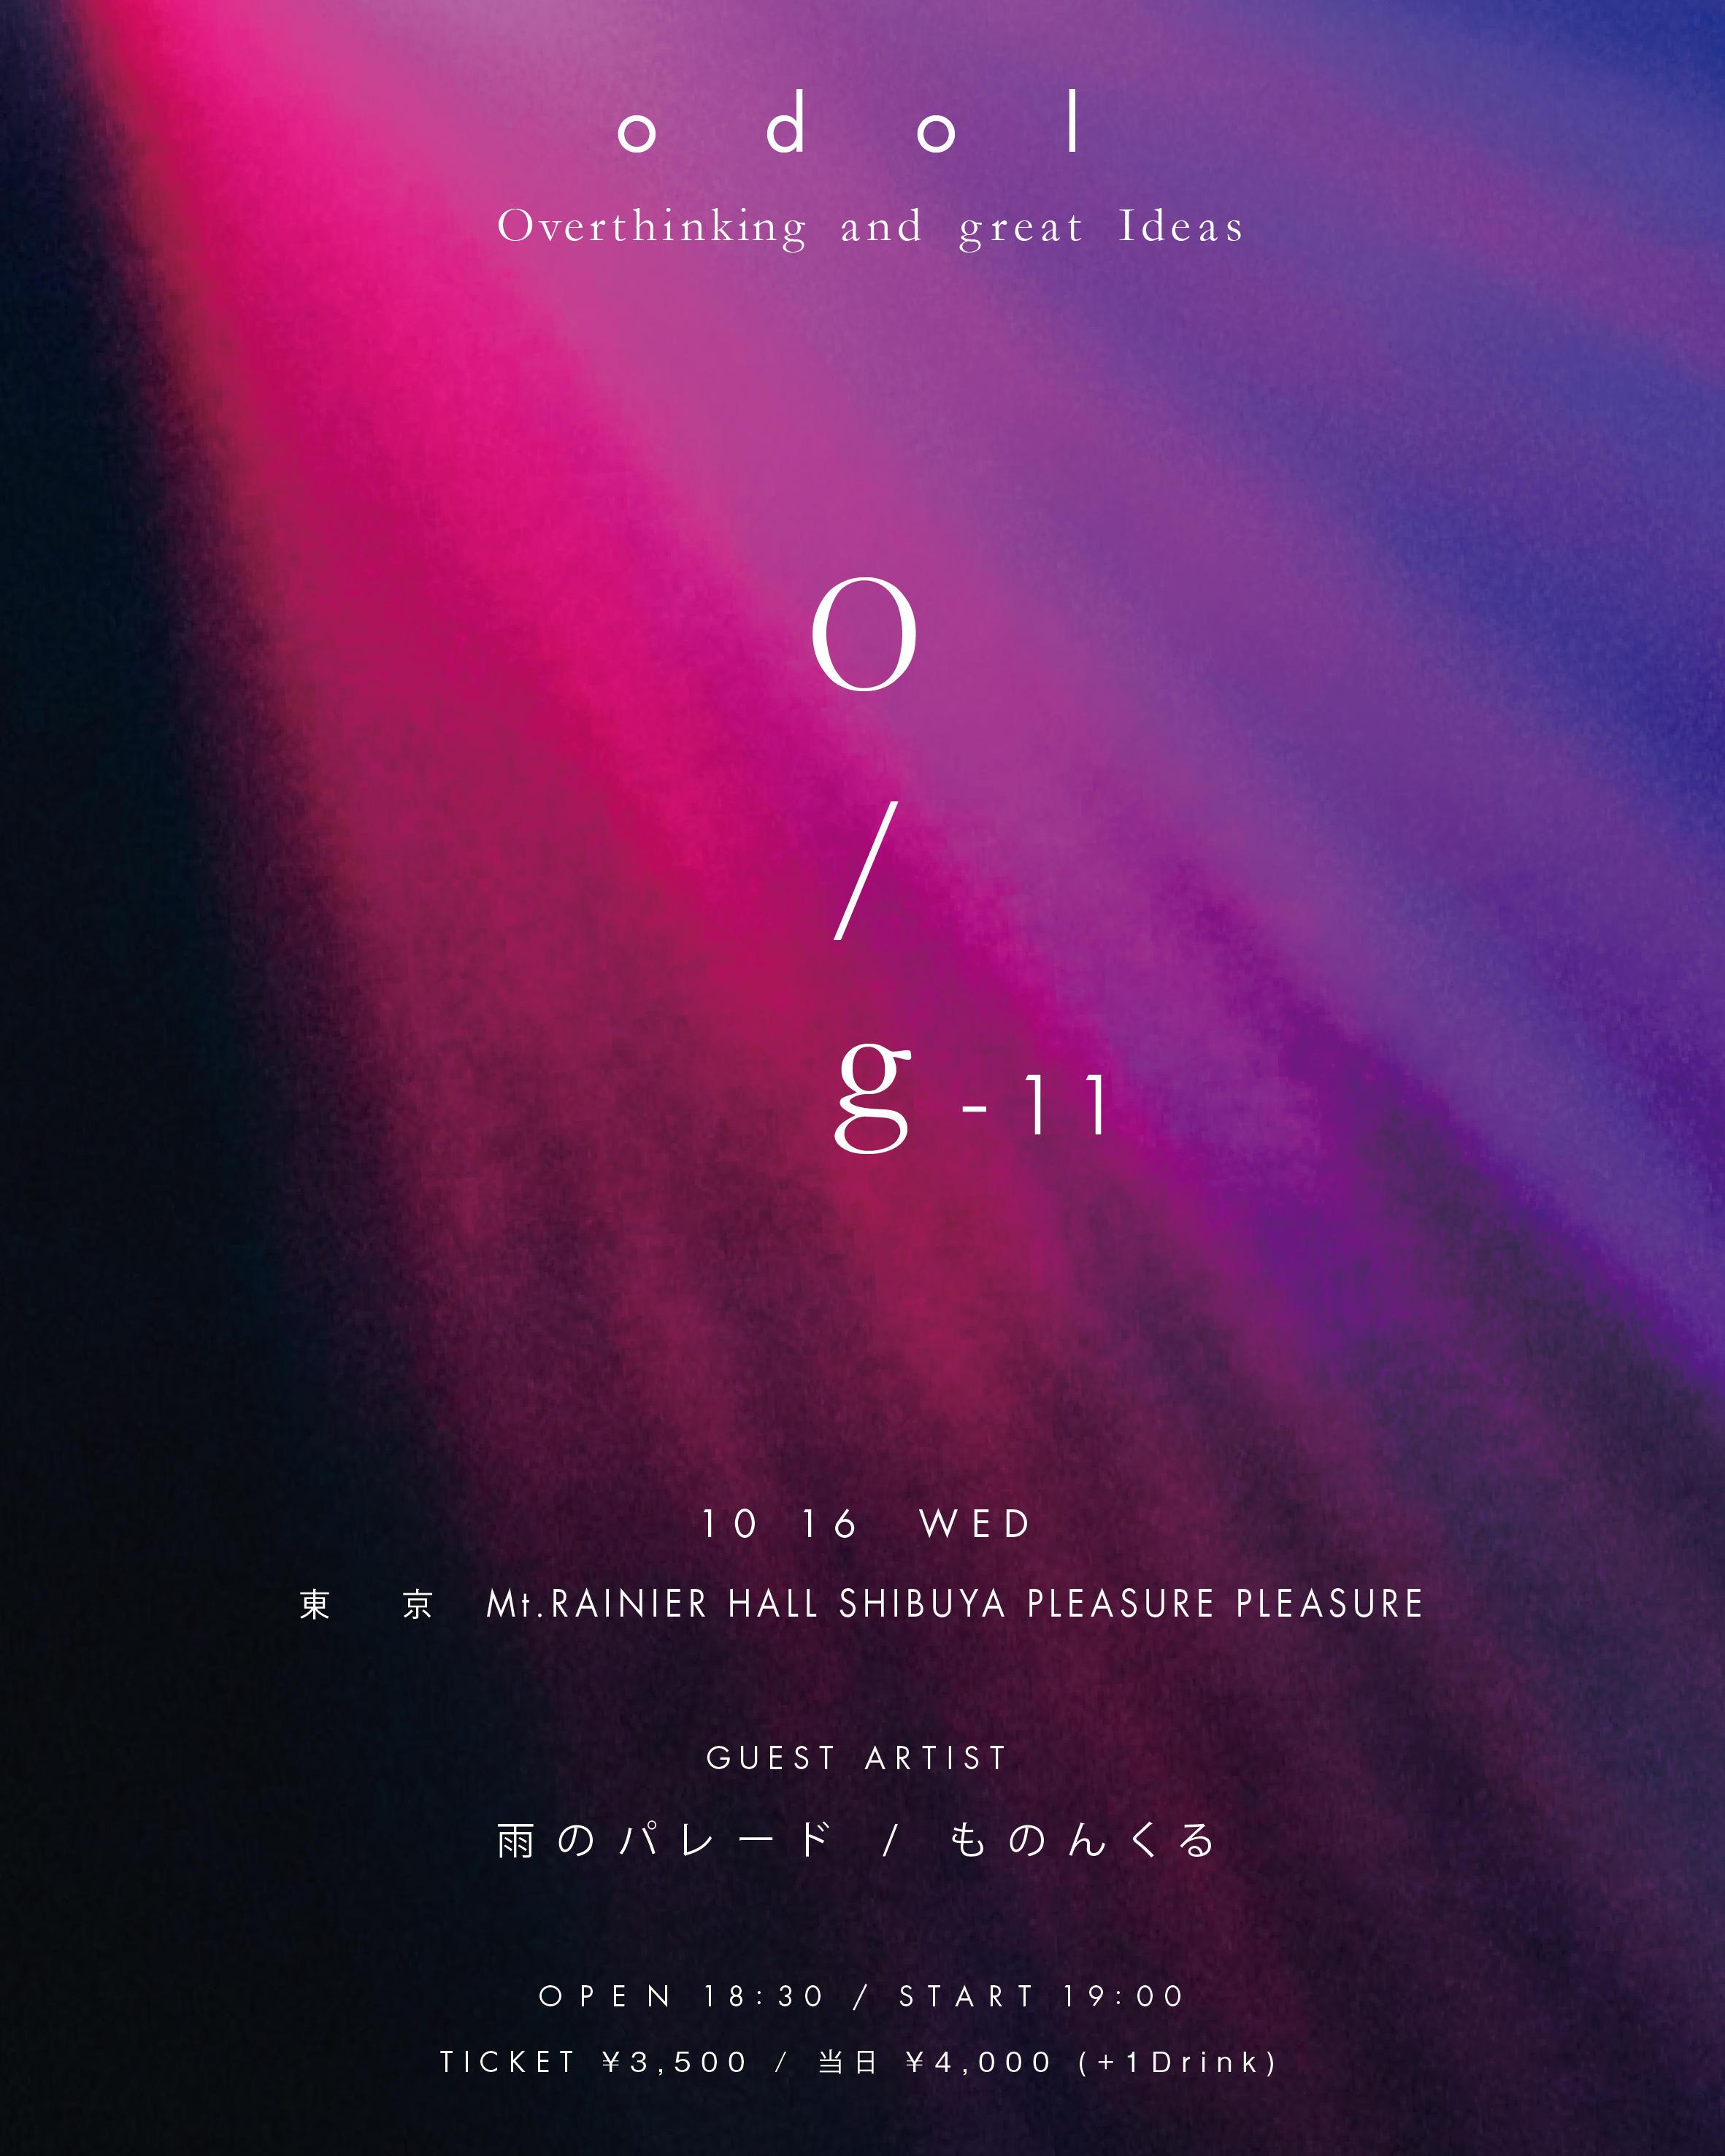 odol_og_cover_inst_ok_matome8-_11-1.jpg